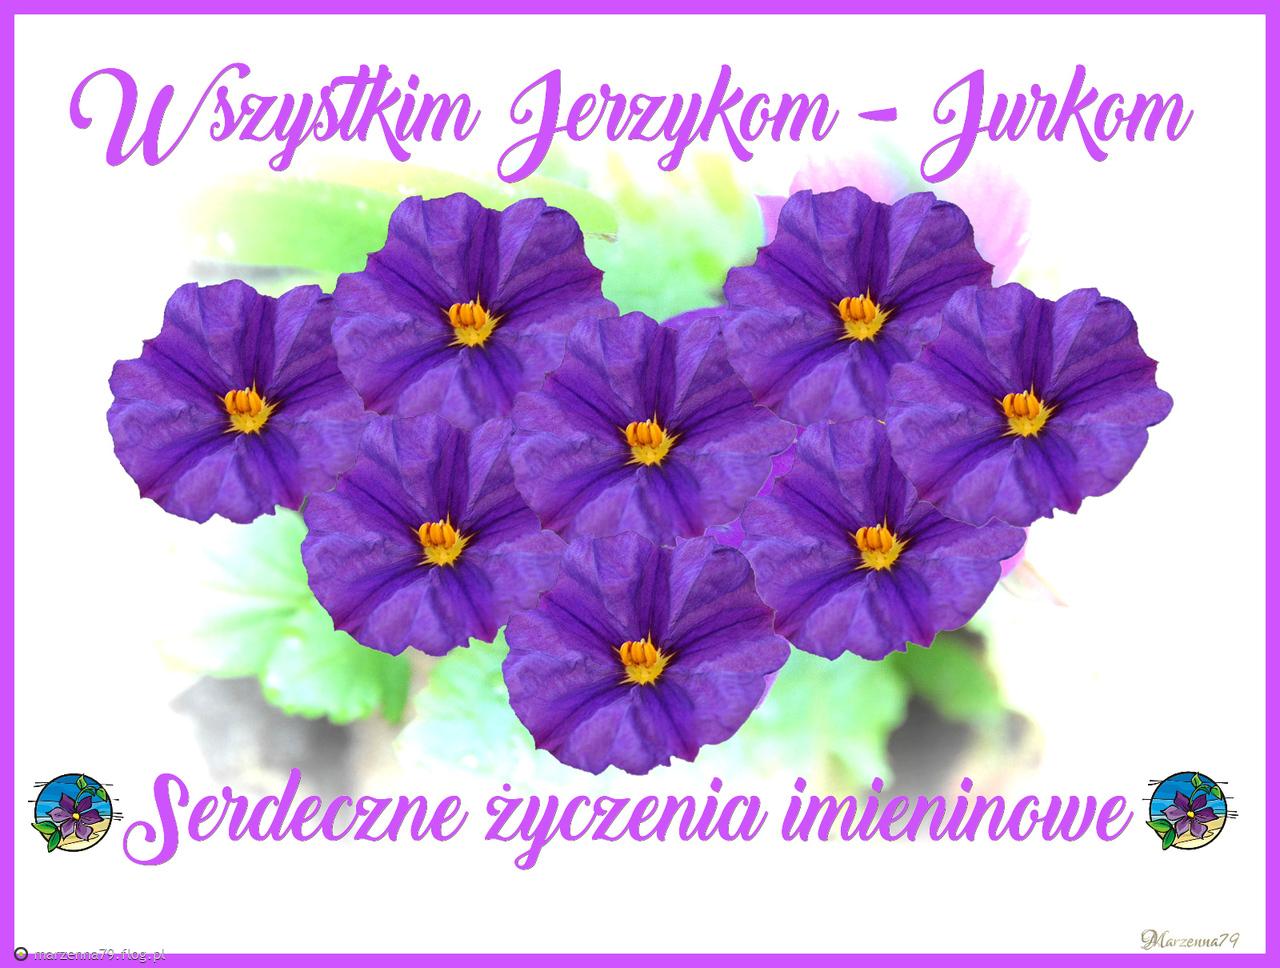 23 Kwietnia Imieniny Jerzego Wszystkim Jurkom